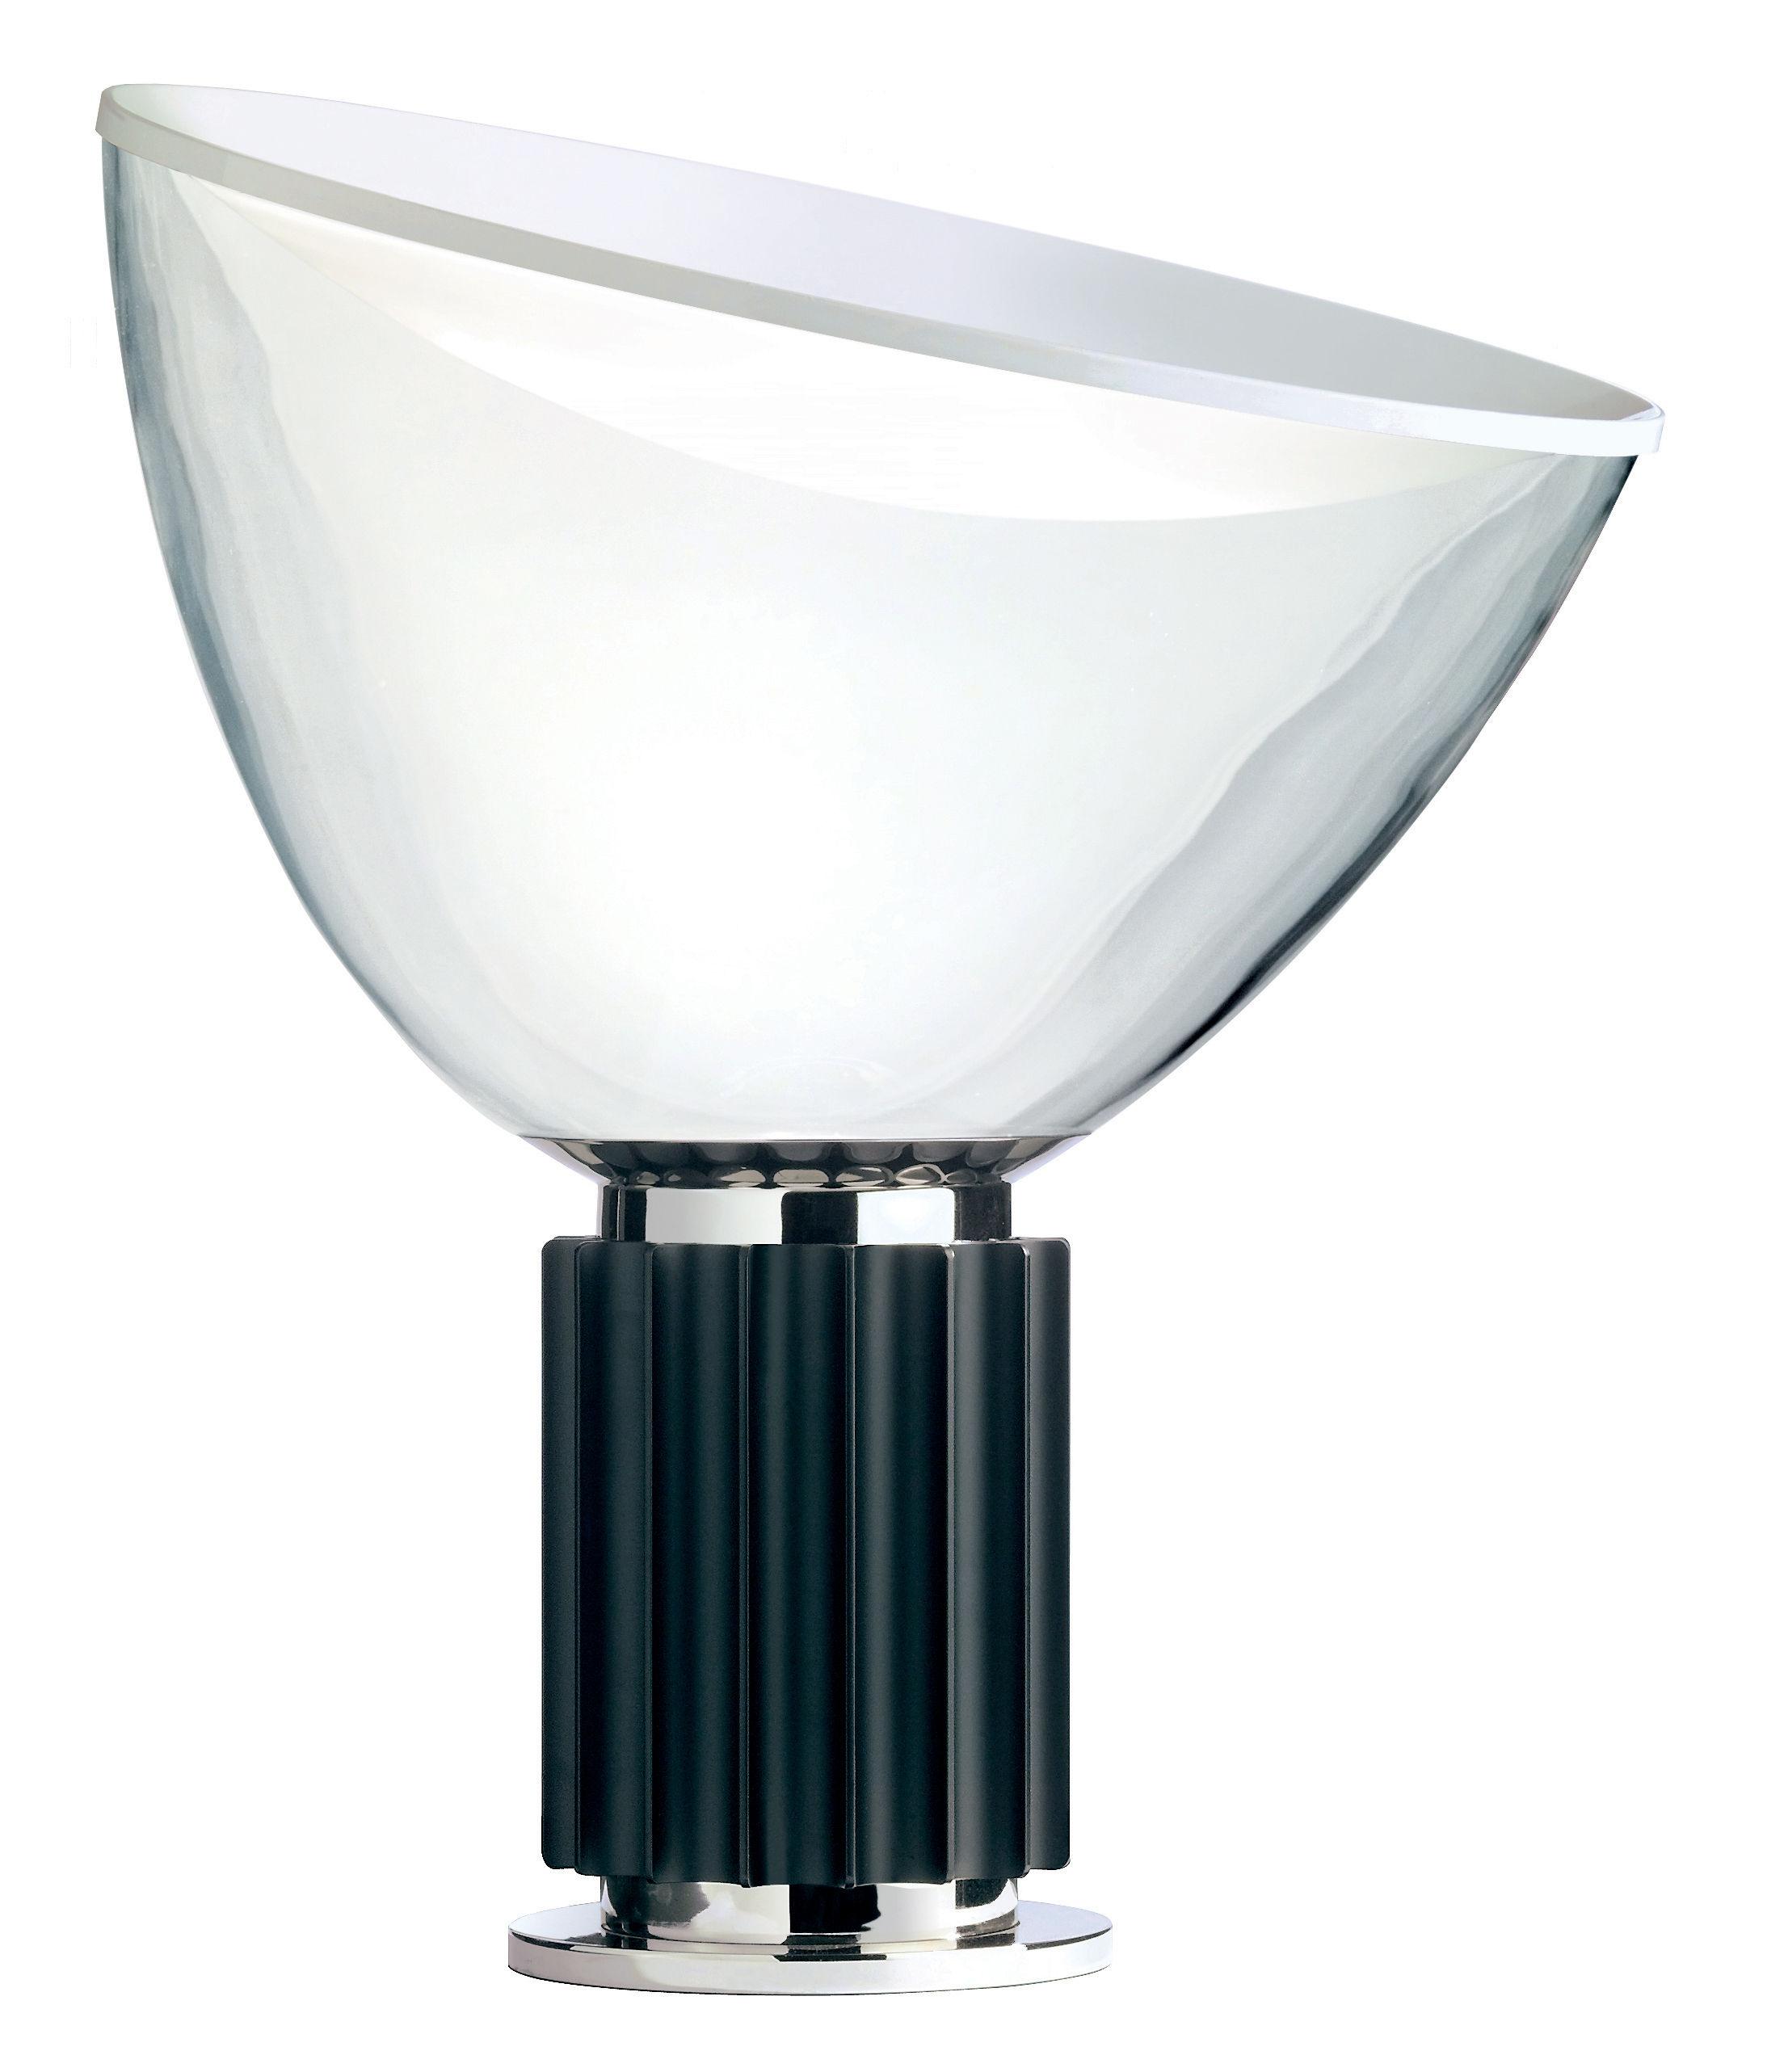 Illuminazione - Lampade da tavolo - Lampada da tavolo Taccia di Flos - Base Nera - Alluminio, Vetro soffiato a bocca